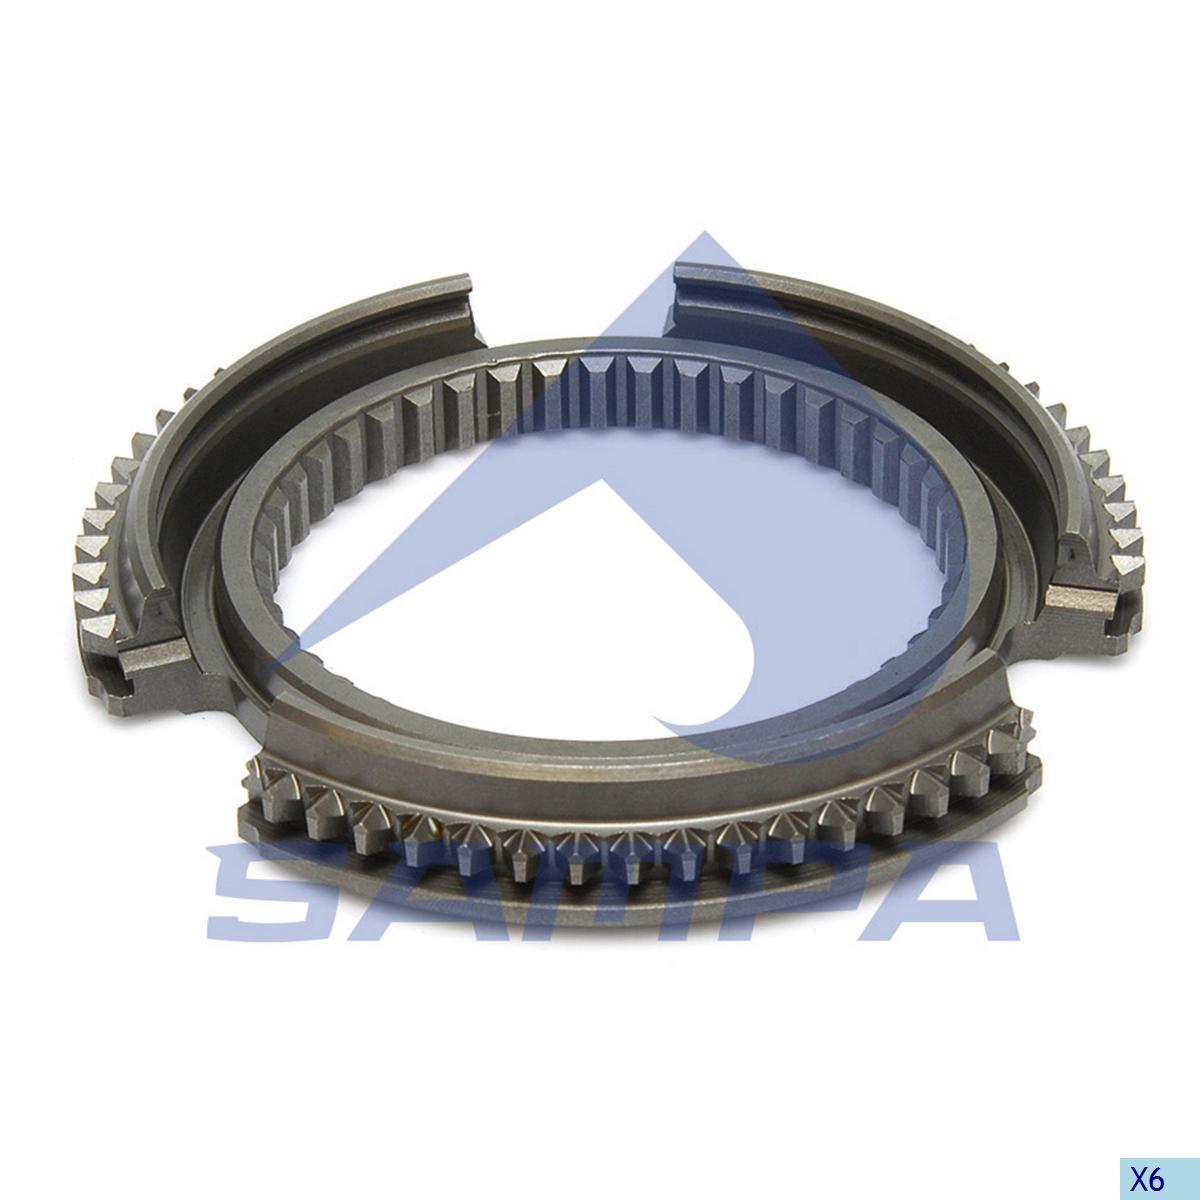 Synchronizing Ring, Main Shaft, Mercedes, Gear Box